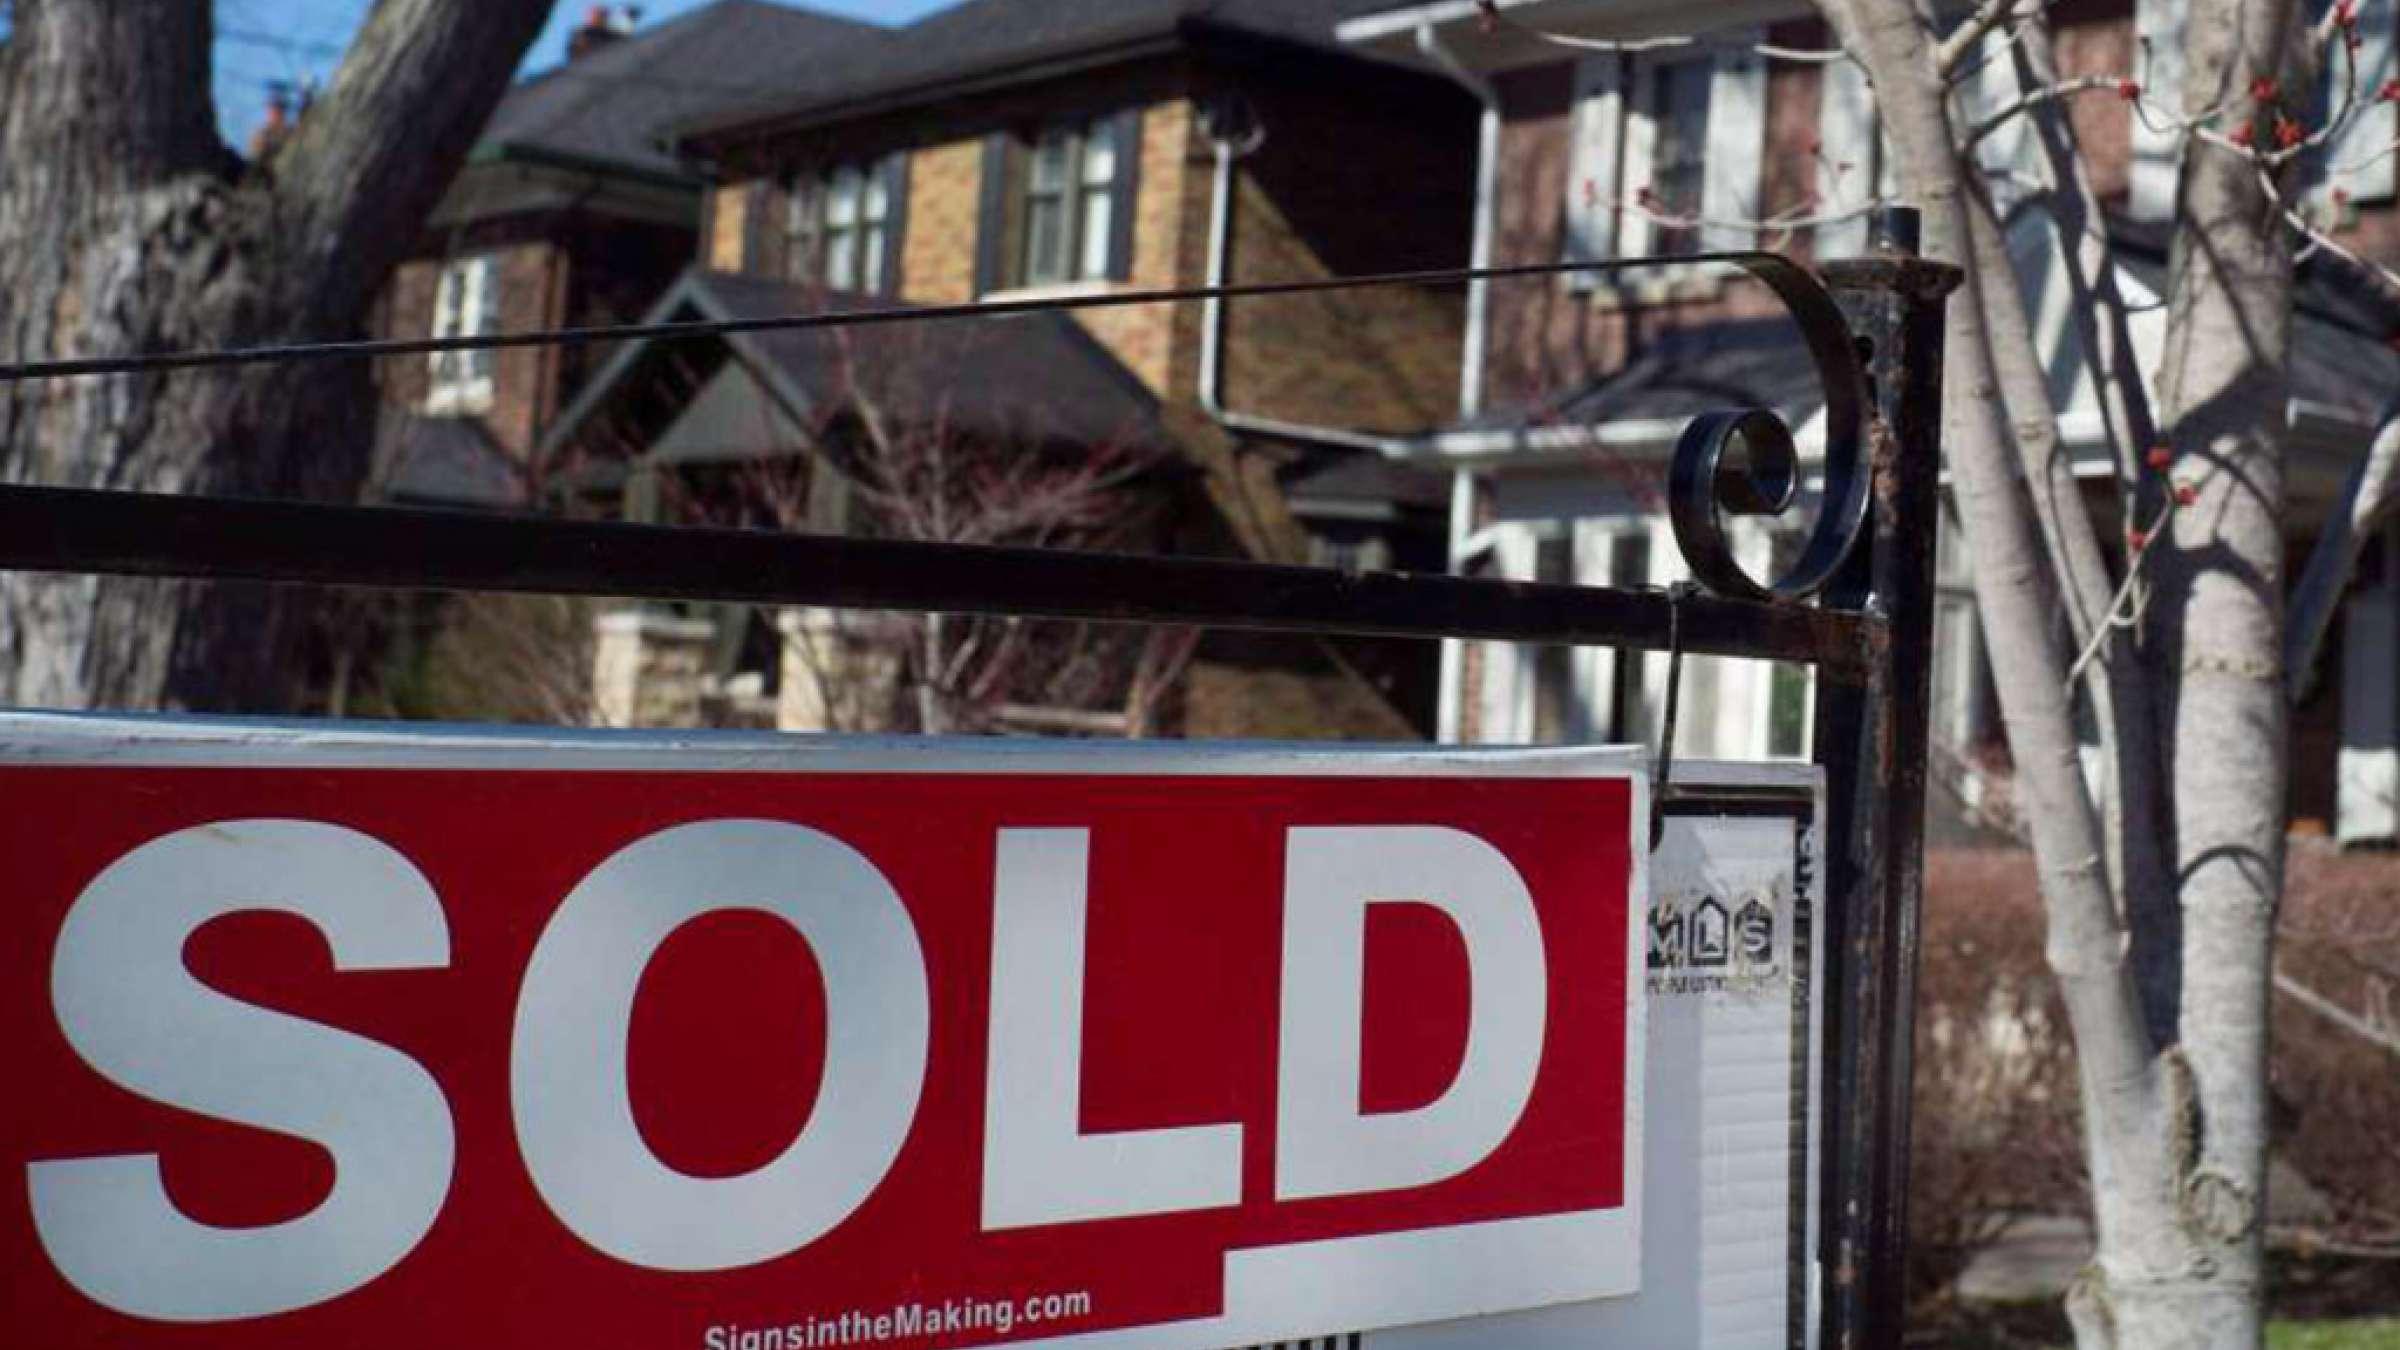 اخبار-کانادا-تعداد-و-قیمت-فروش-خانهها-در-تورنتو-بالا-رفت